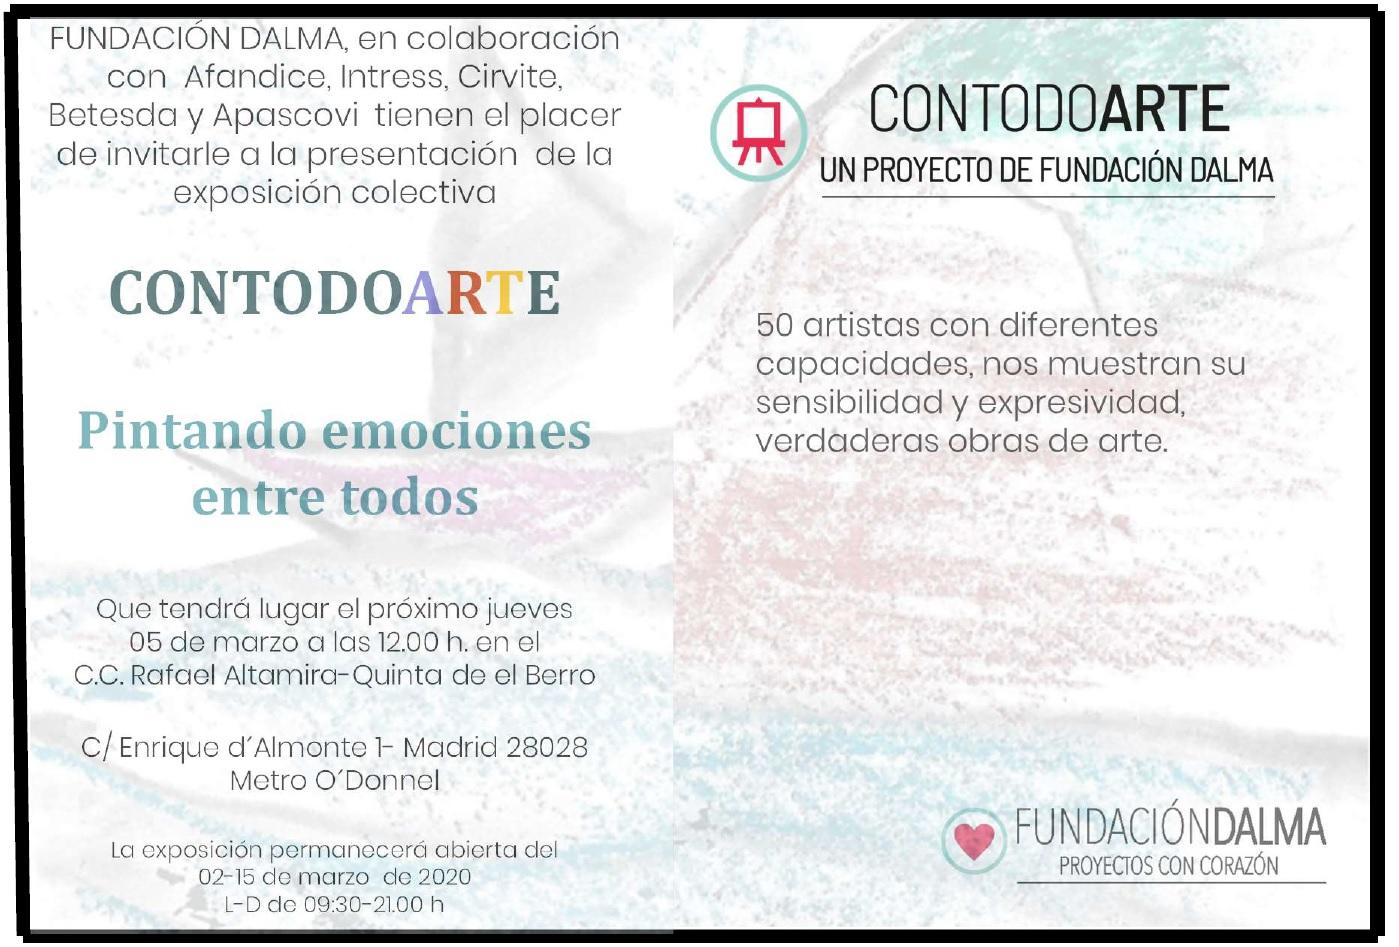 Exposición Contodoarte Quinta del Berro del 5 al 15 de marzo